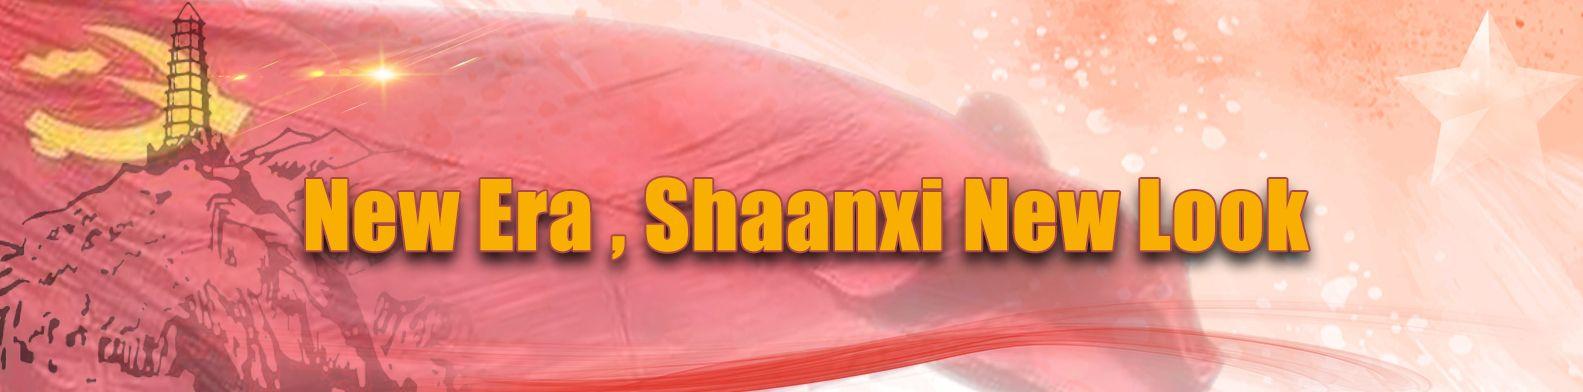 New Era, Shaanxi New Look